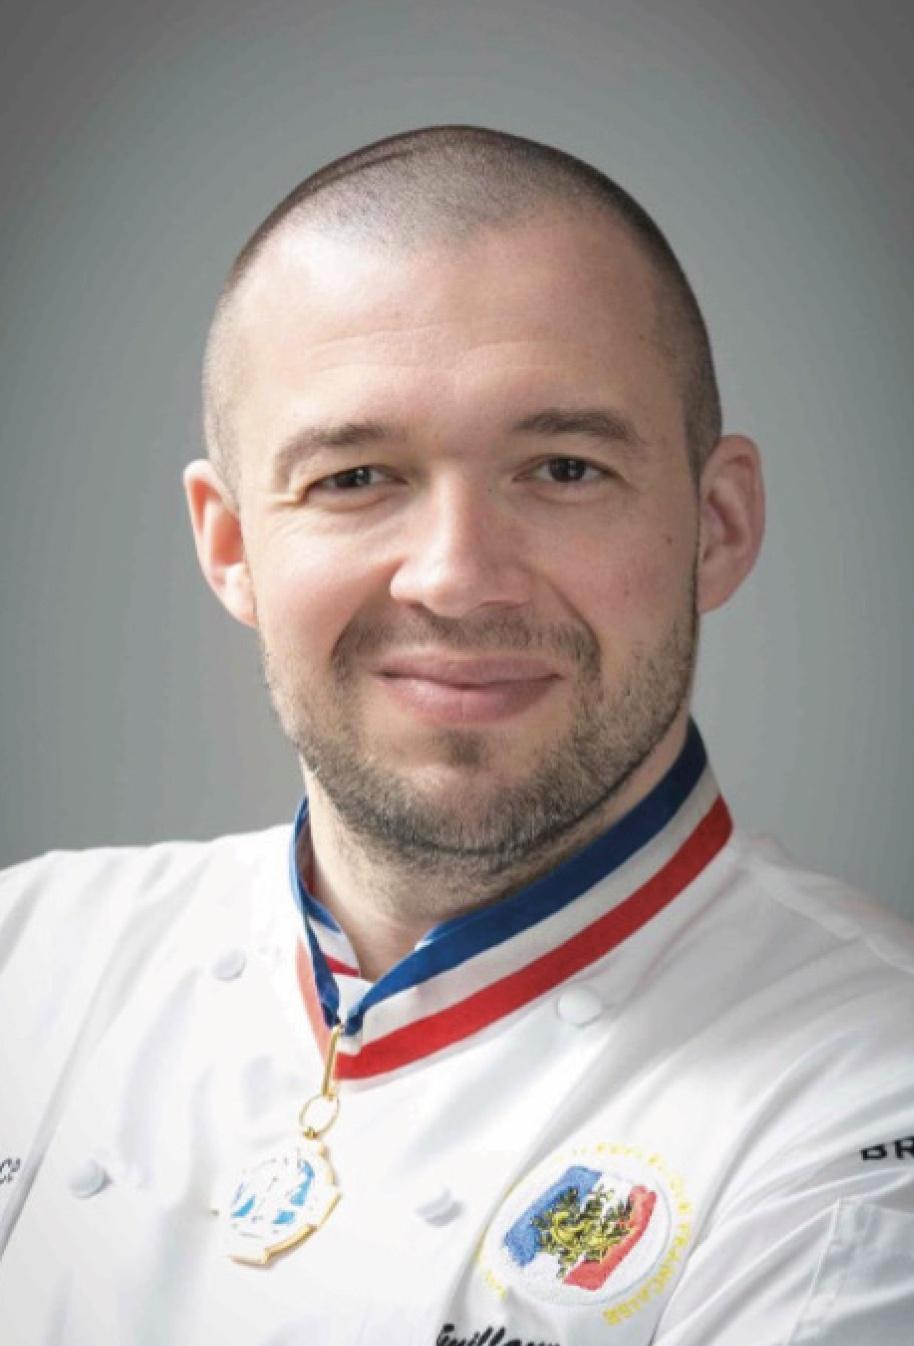 Guillaume Gomez présidera le jury du Mondial de l'œuf meurette au Clos Vougeot